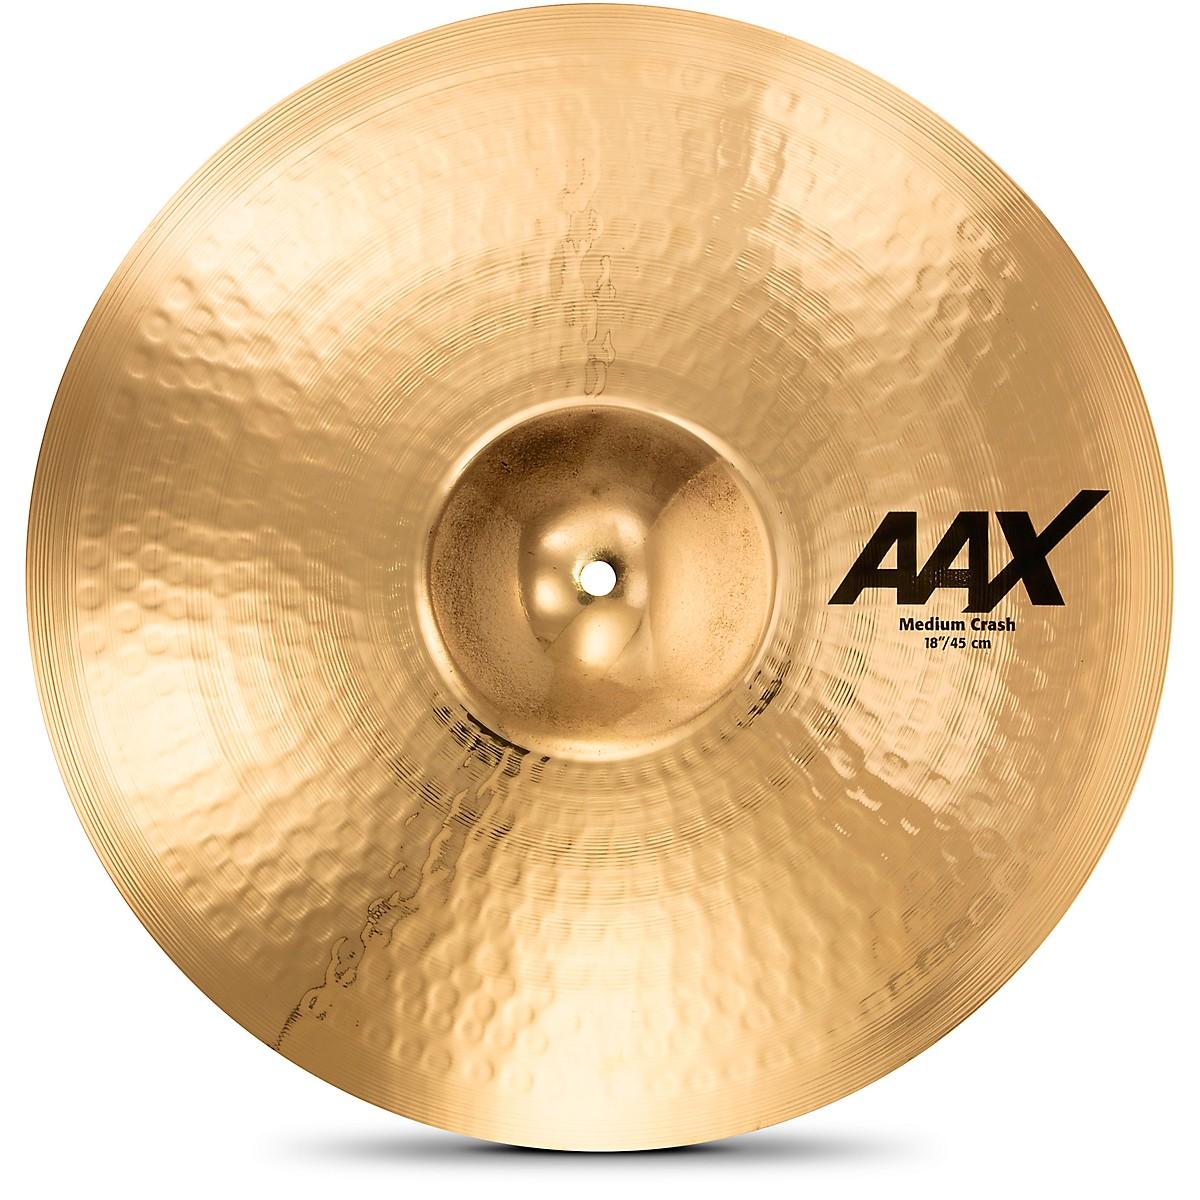 Sabian AAX Medium Crash Cymbal Brilliant